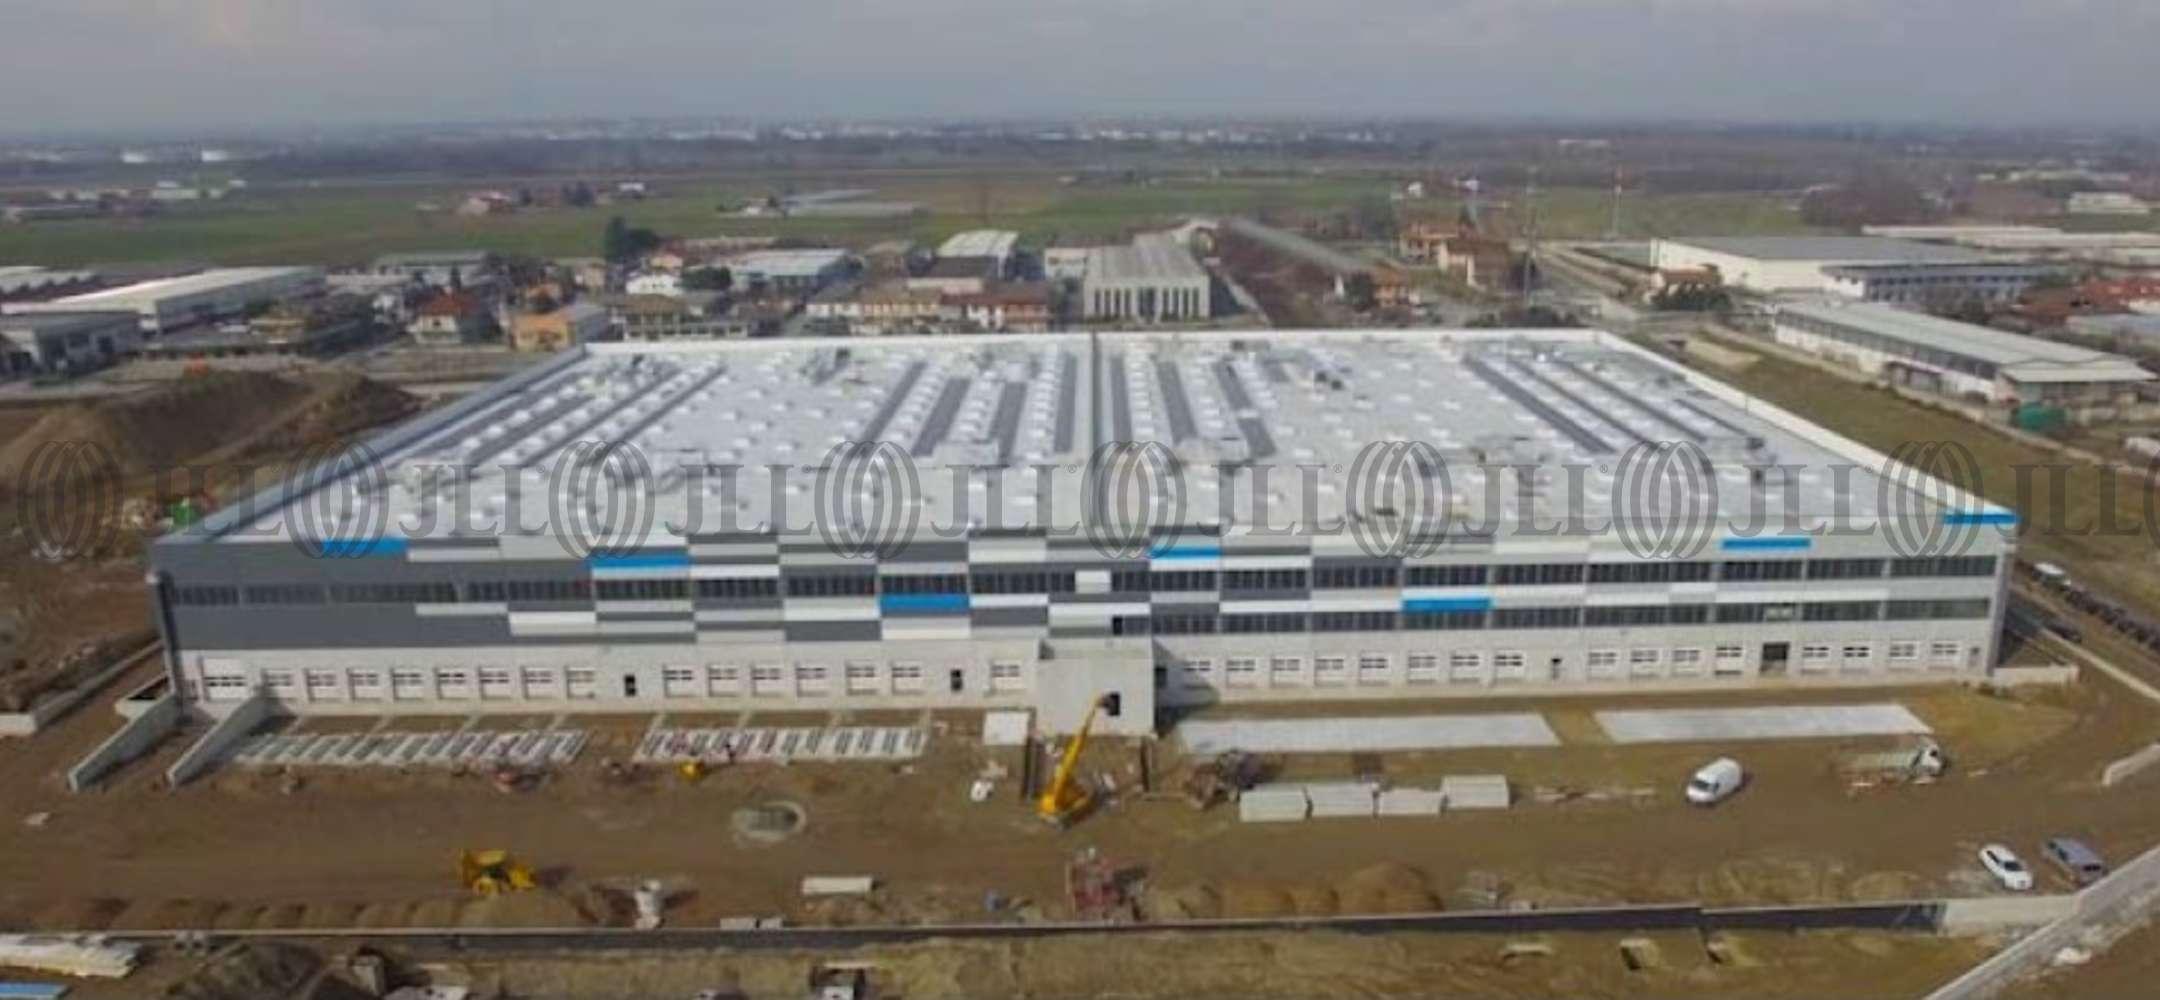 Magazzini industriali e logistici Torino, 10032 - VAILOG East Turin Logistics Park